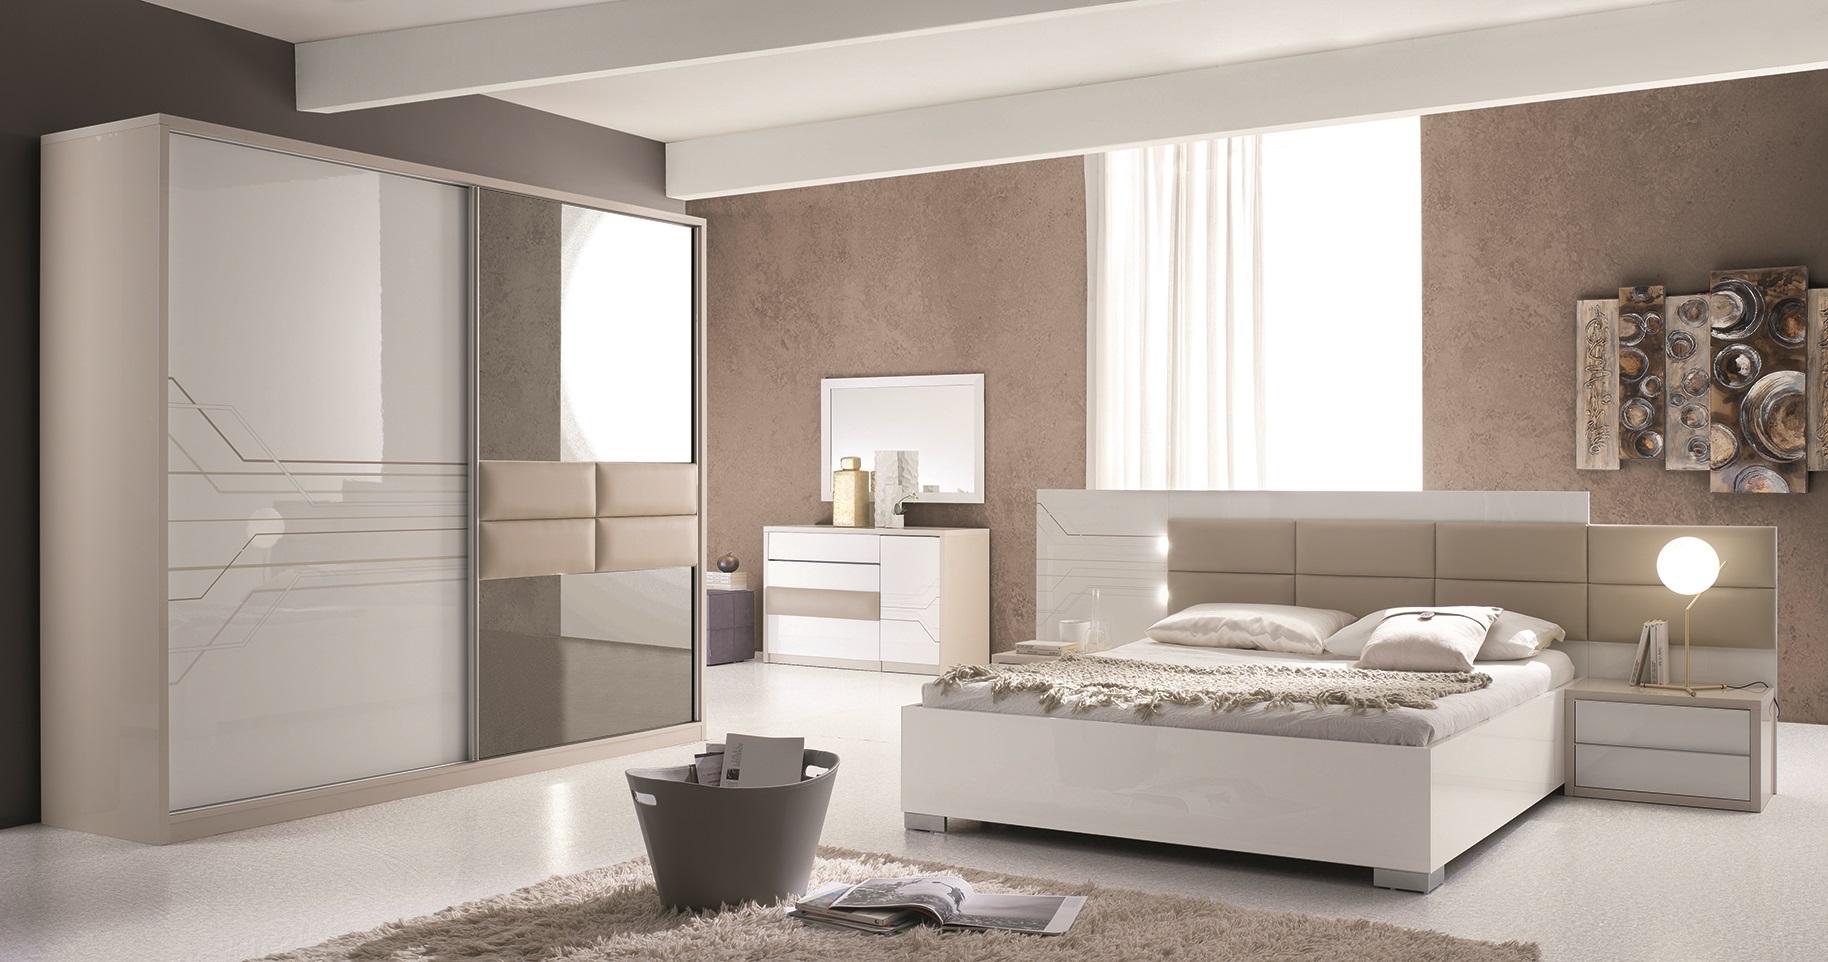 Schlafzimmer Set Tijana in Beige Weiss Modern Design - Kaufen bei ...